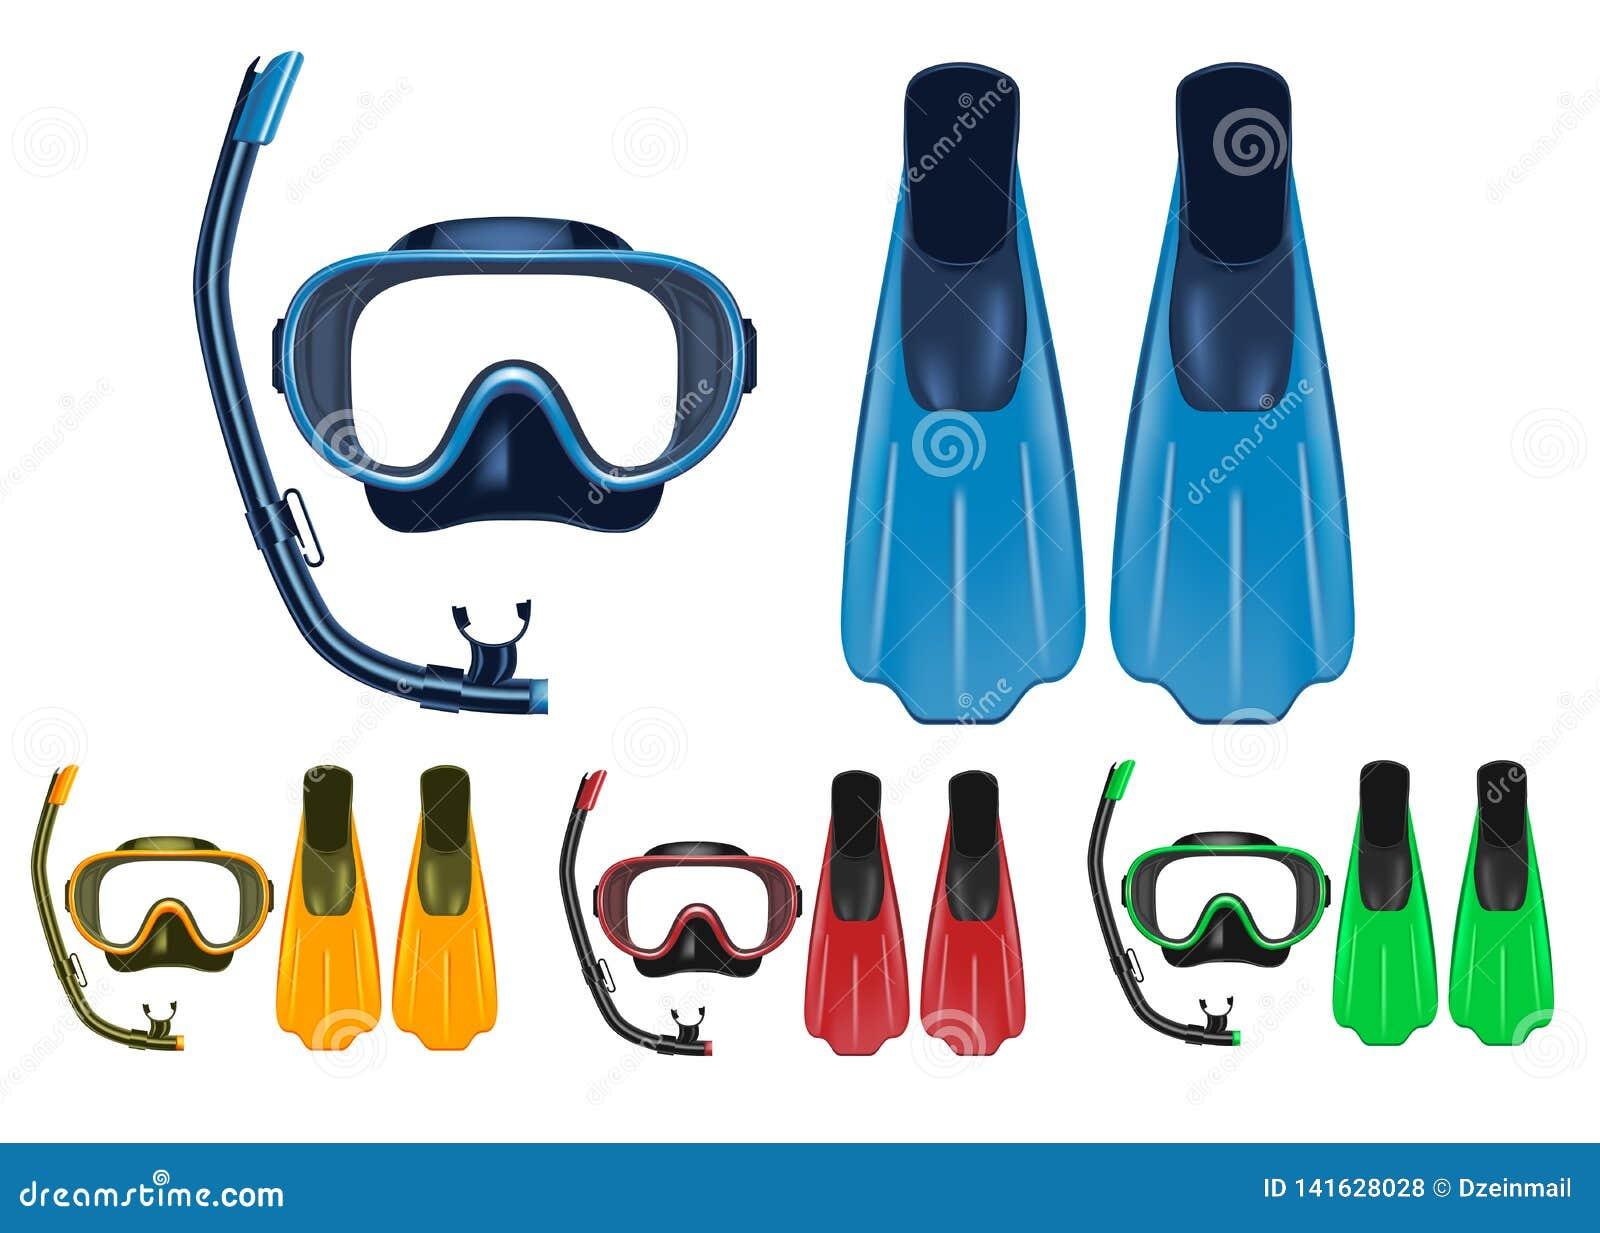 Η μάσκα, κολυμπούν με αναπνευτήρα και το τρισδιάστατο ρεαλιστικό σύνολο πτερυγίων με τα διαφορετικά χρώματα για τις δραστηριότητε